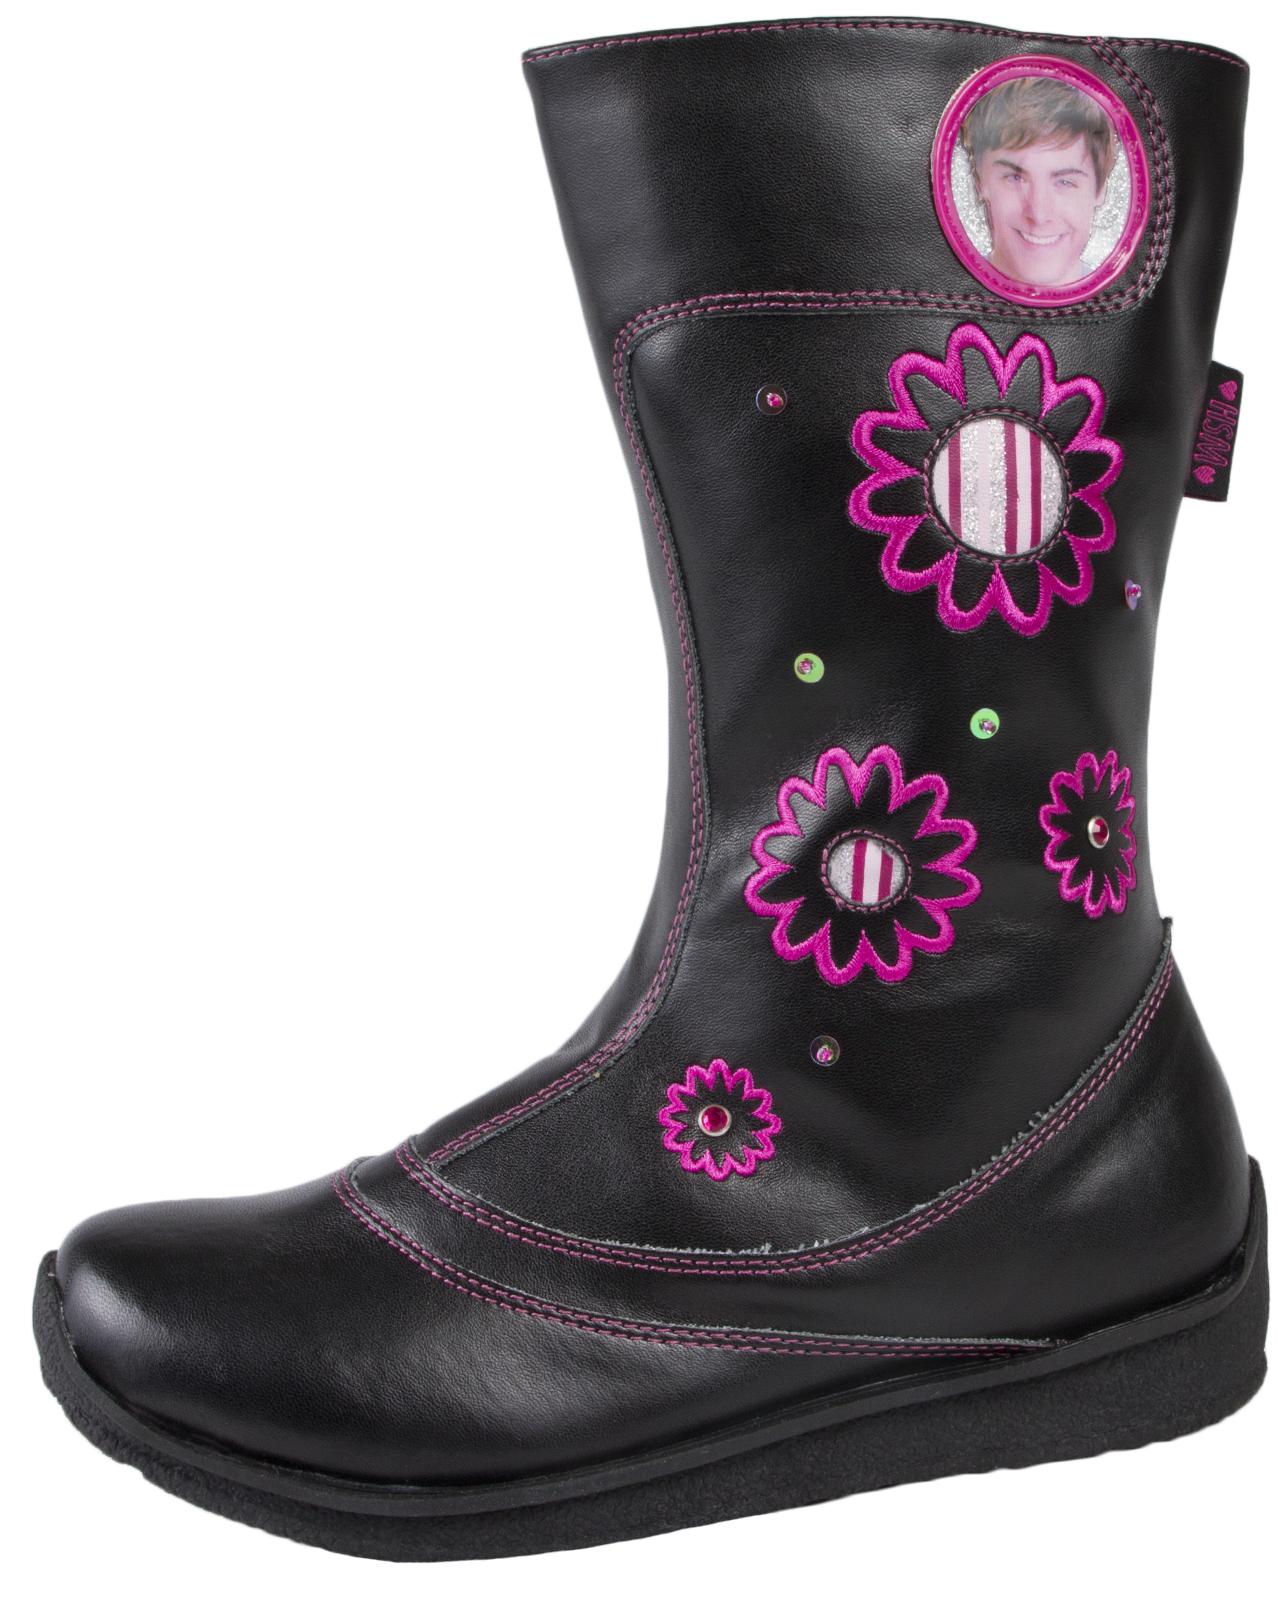 high school musical knee high boots glitter sequin